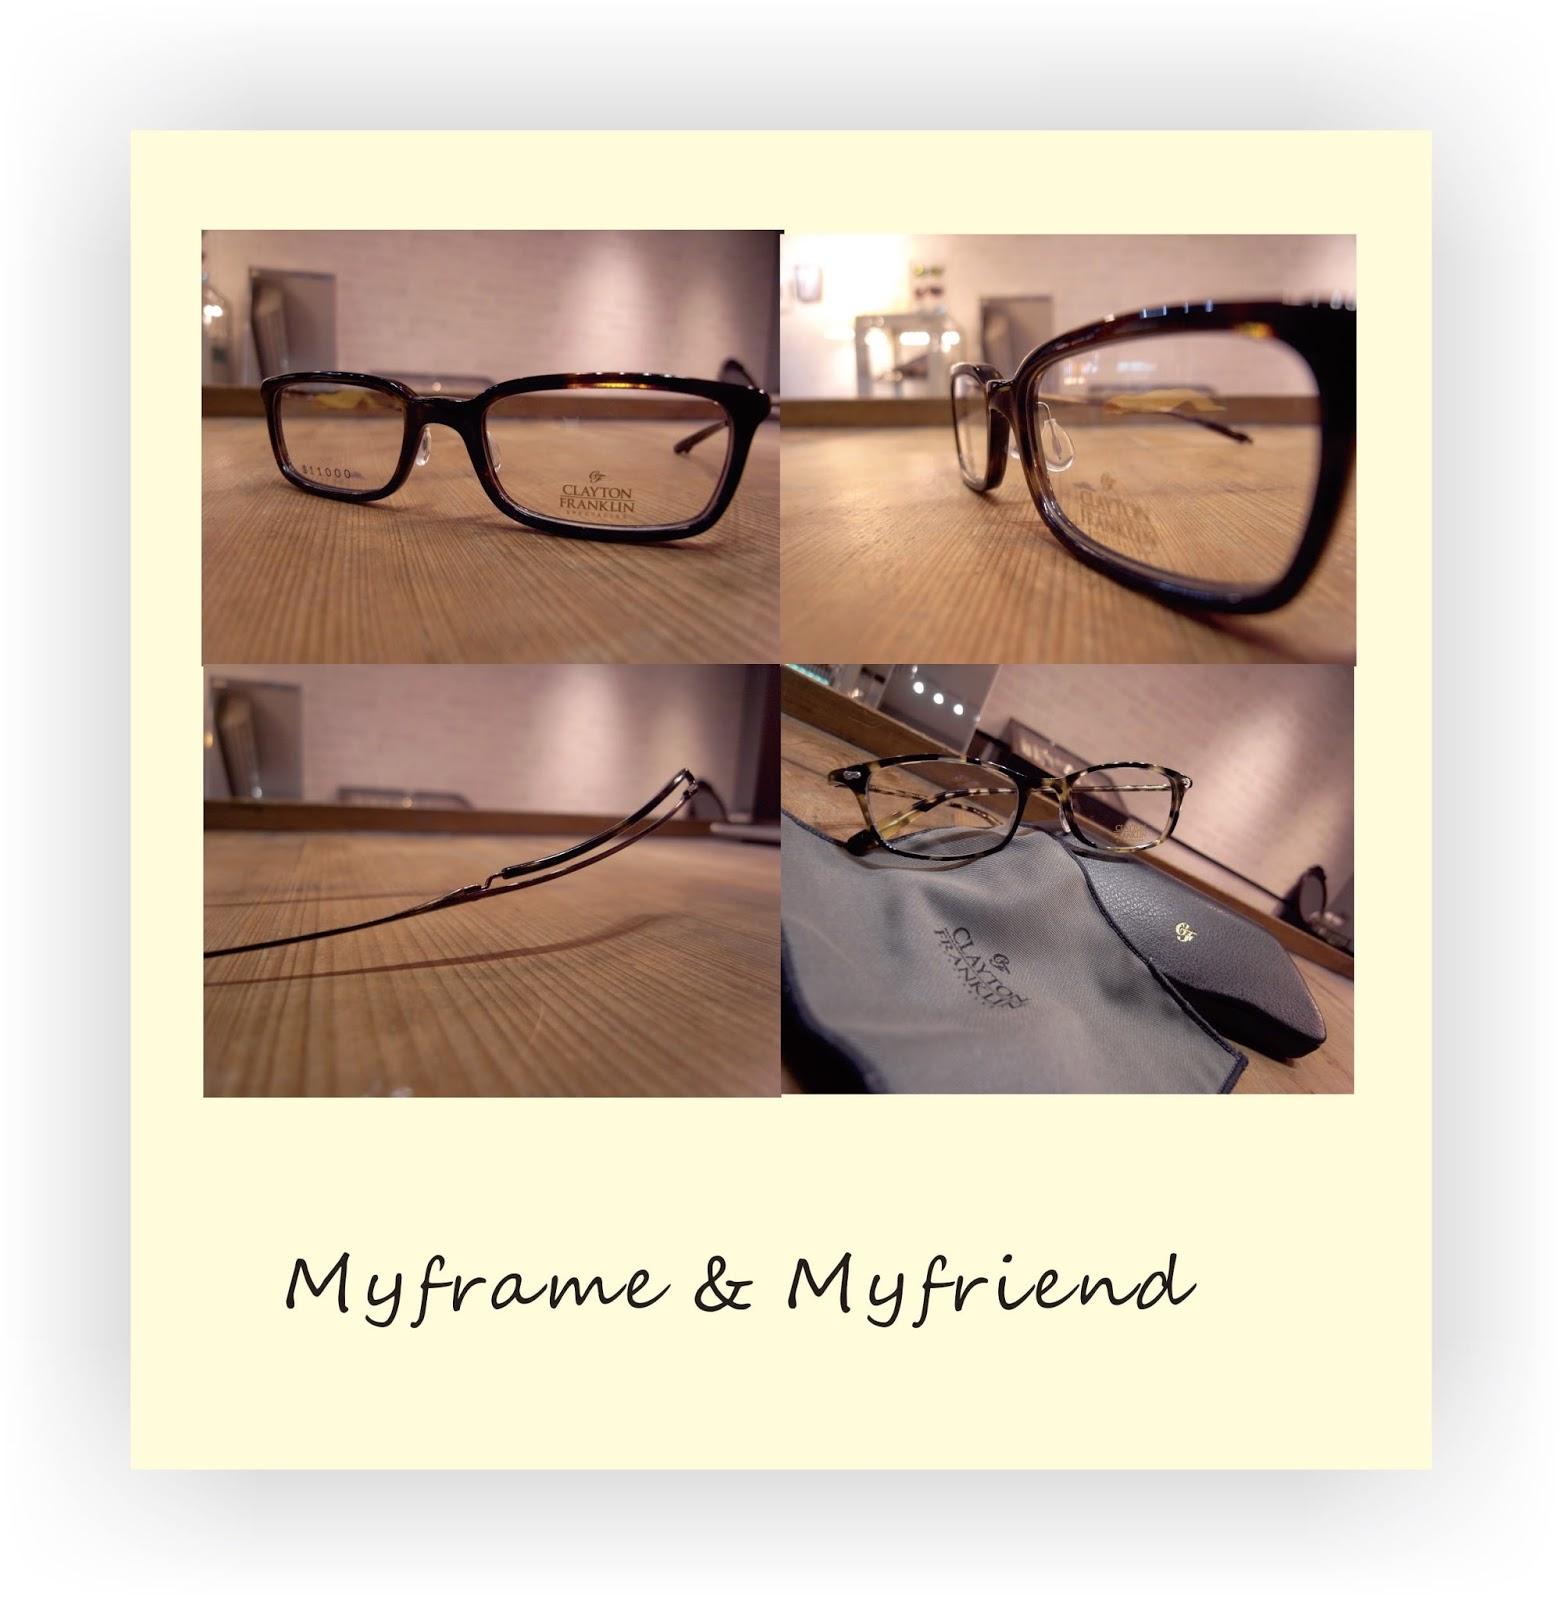 集框眼鏡行: CLAYTON FRANKLIN 眼鏡強烈濃郁的英倫氣息任誰也無法輕易放手